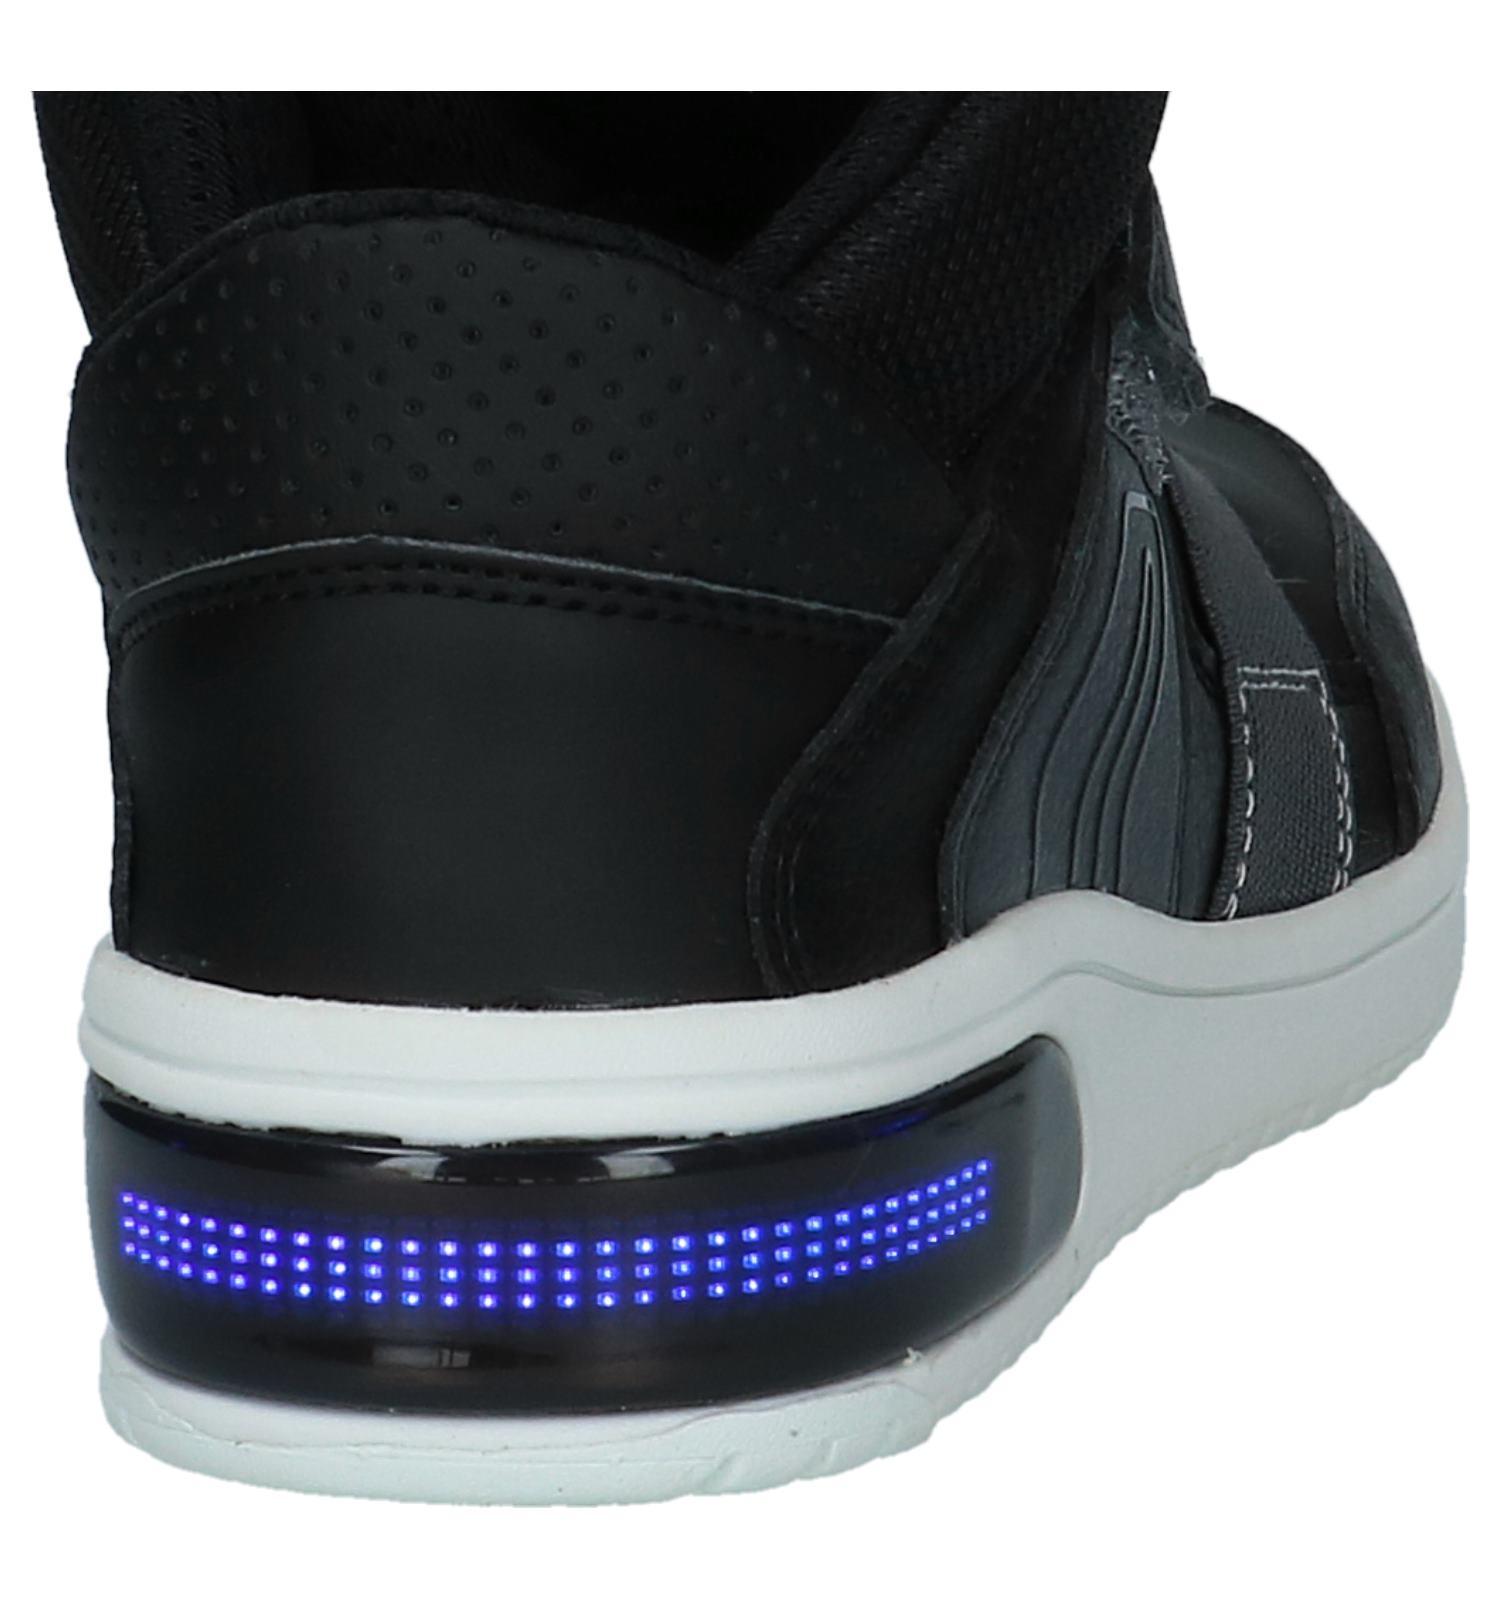 26f55cbb20c Geox Zwarte Sneakers met Lichtjes   TORFS.BE   Gratis verzend en retour